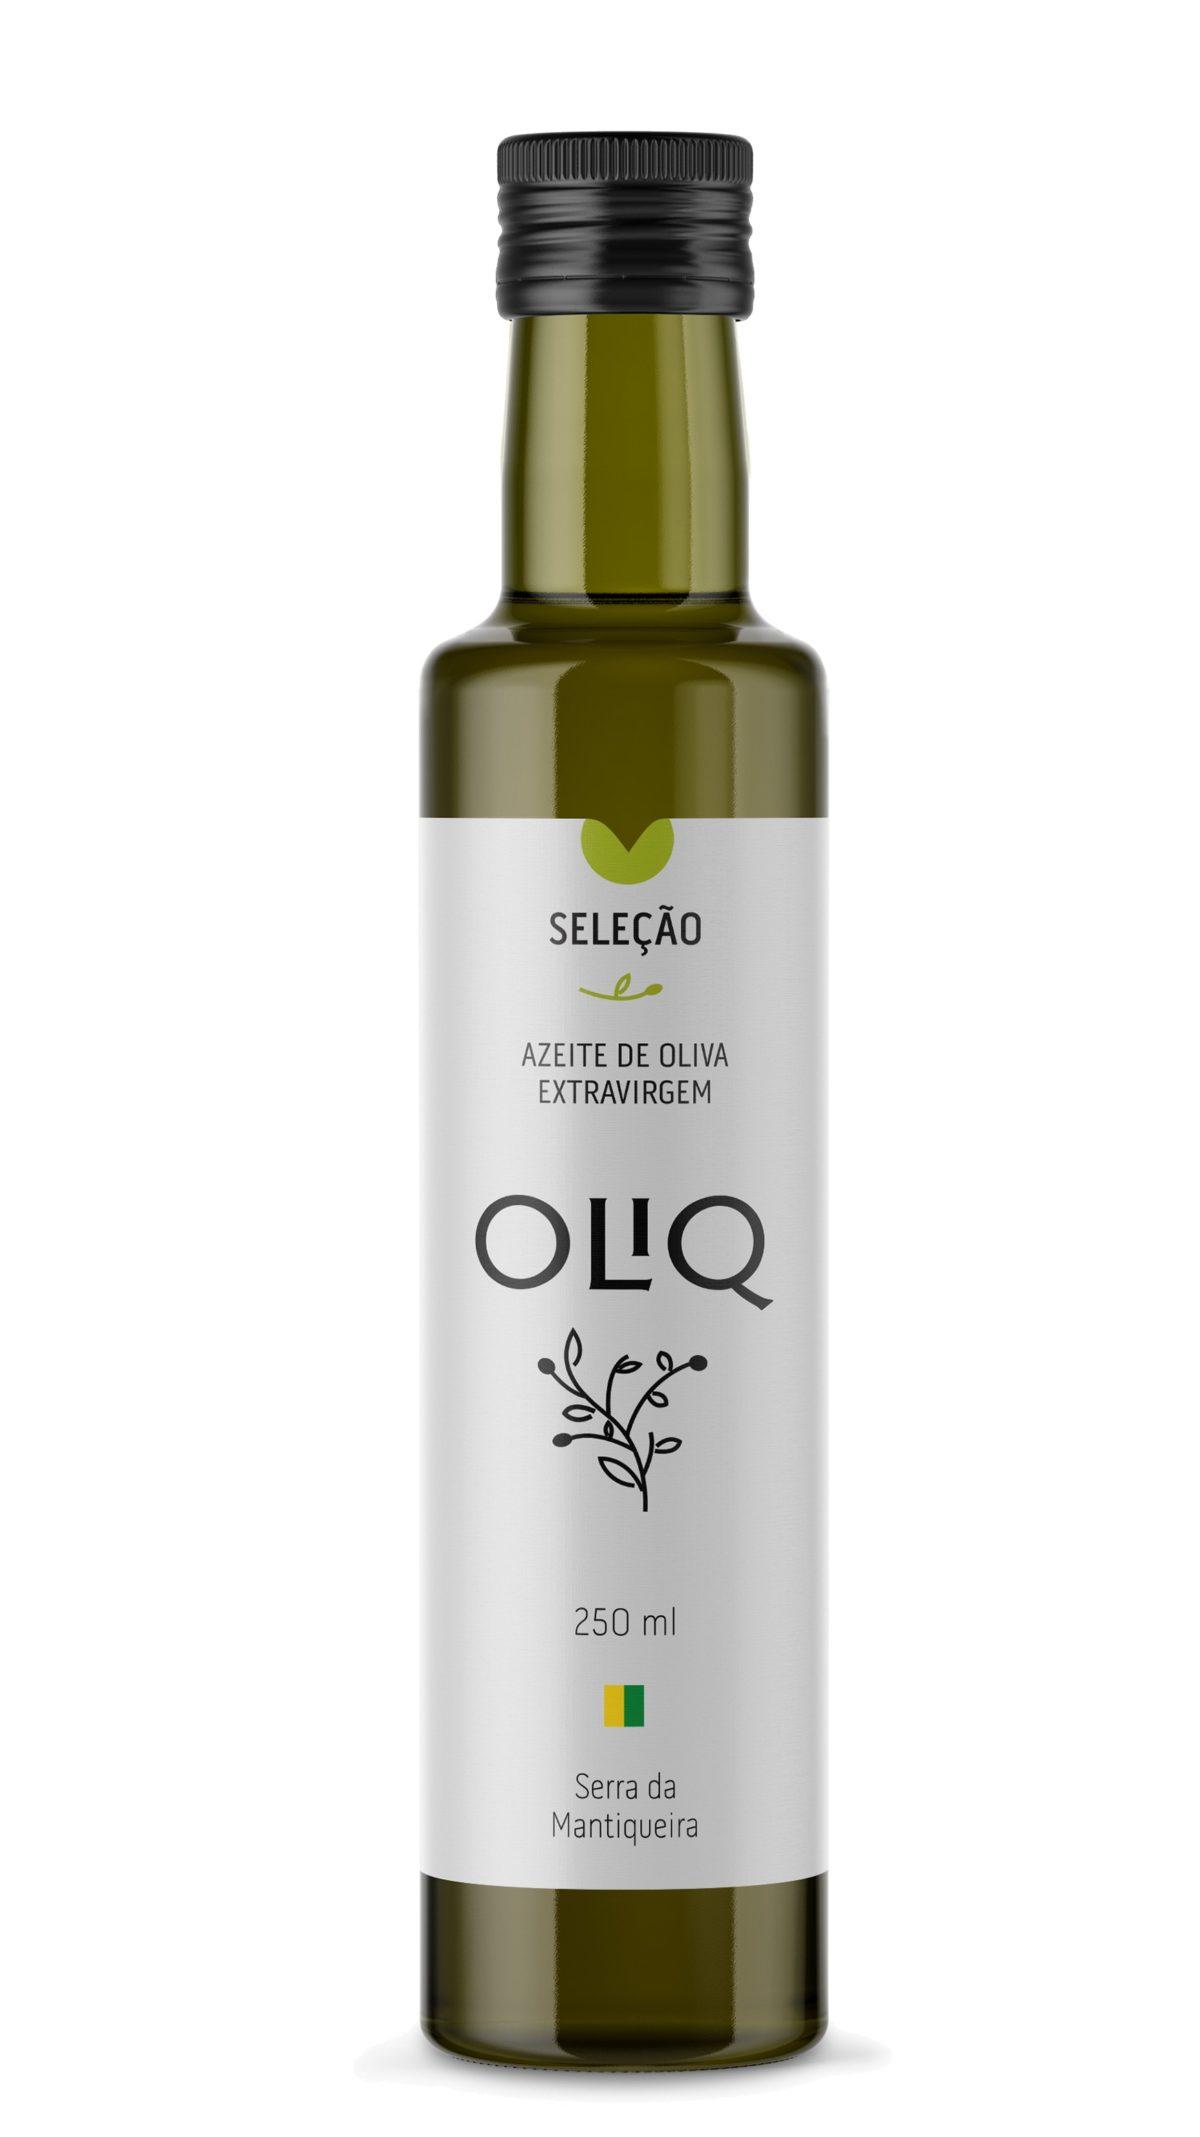 Oliq Selecao